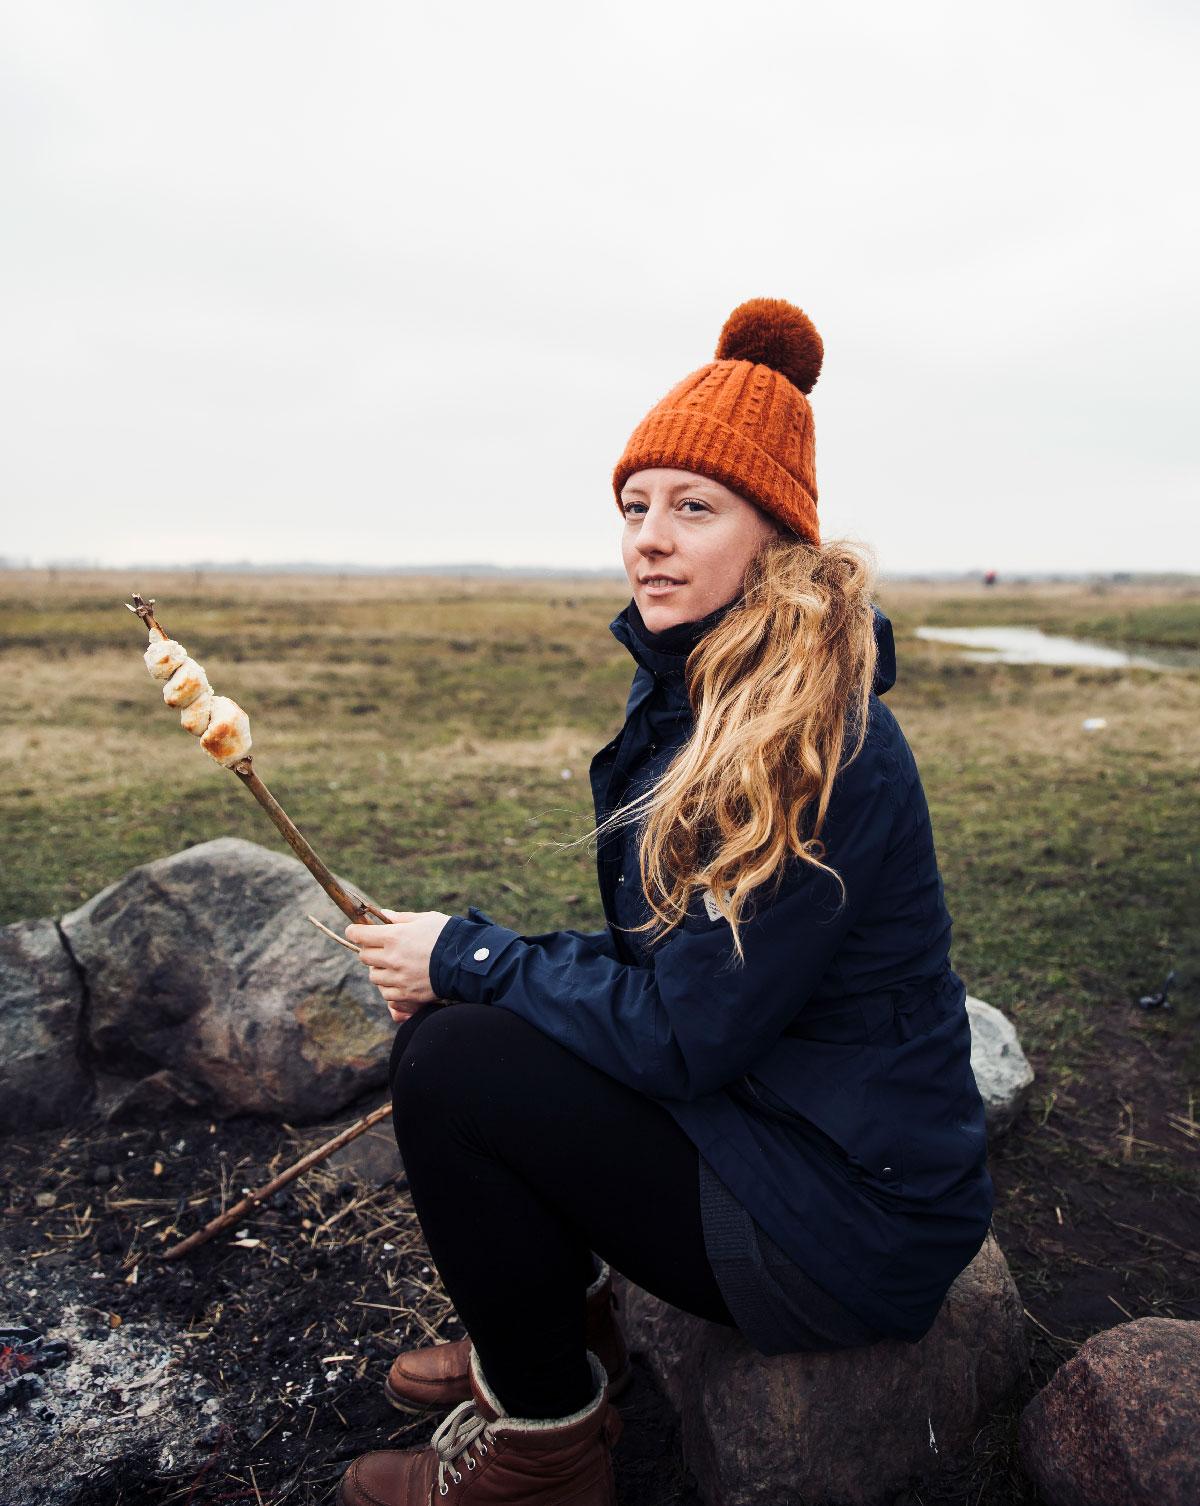 Bålhygge - med guide til bålpladser i Danmark og opskrift på snobrød